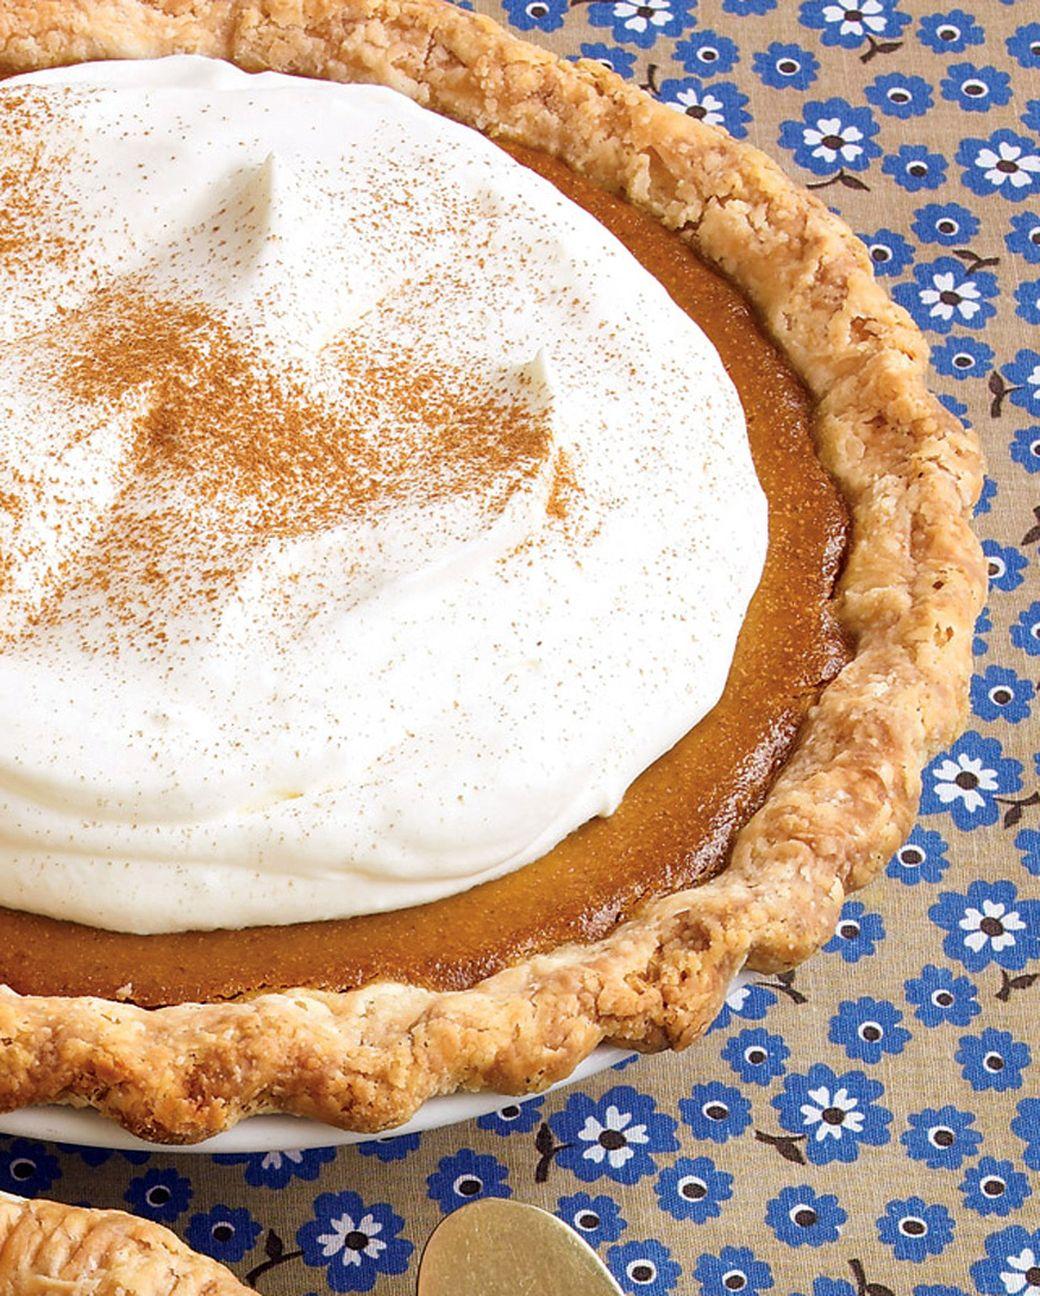 Thanksgiving Desserts Pecan Pie Pumpkin Pie More: 12 Easy Pumpkin Dessert Recipes For Thanksgiving